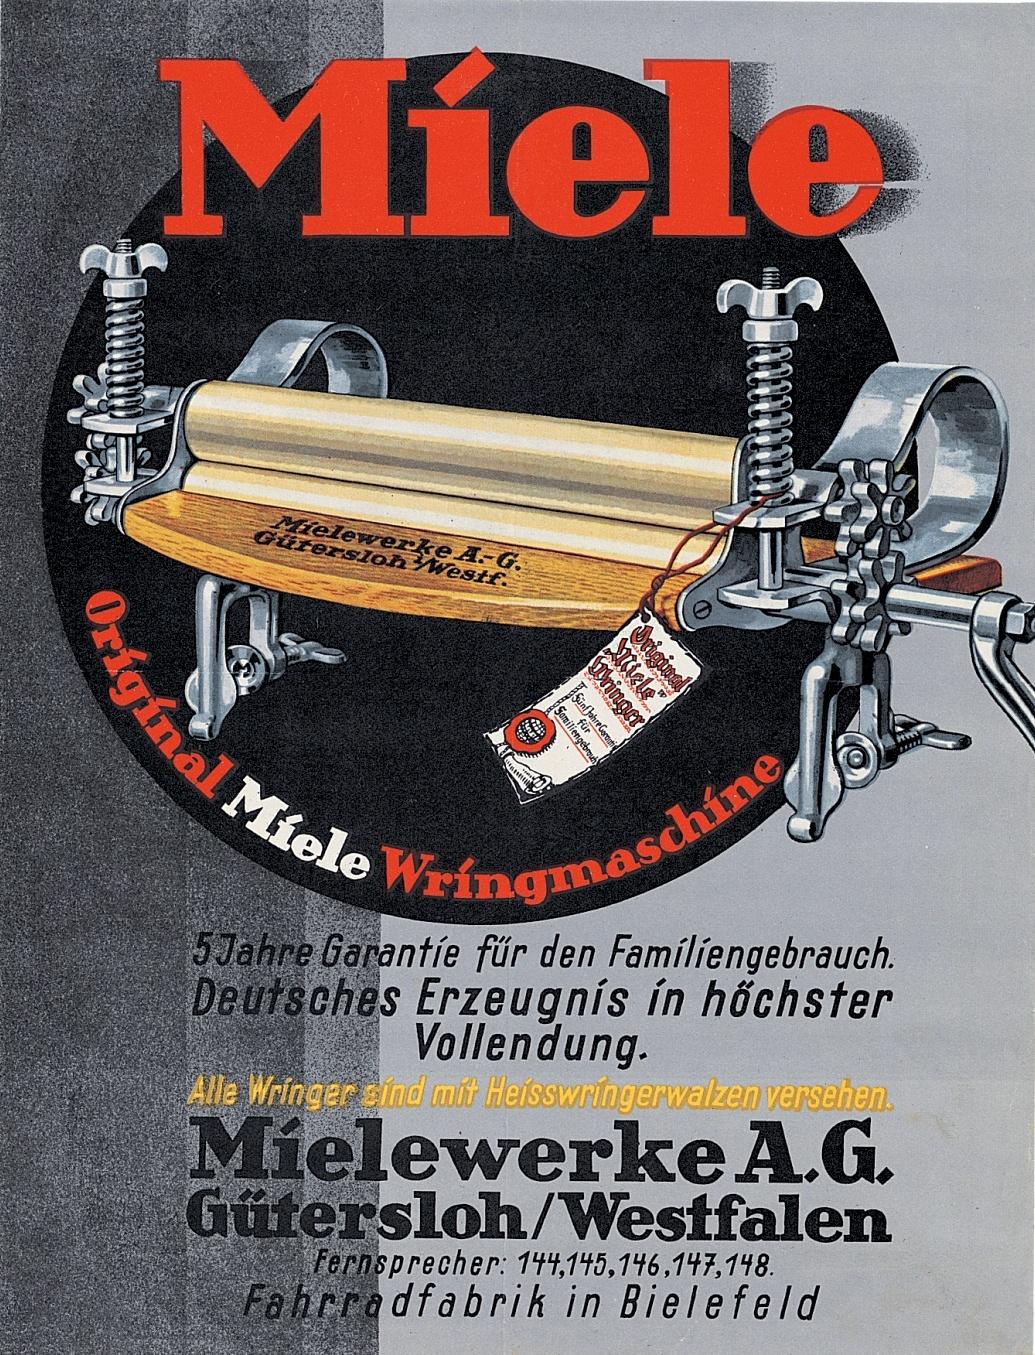 1923 1923 anzeige f r die neue miele wringmaschine fotos auf. Black Bedroom Furniture Sets. Home Design Ideas